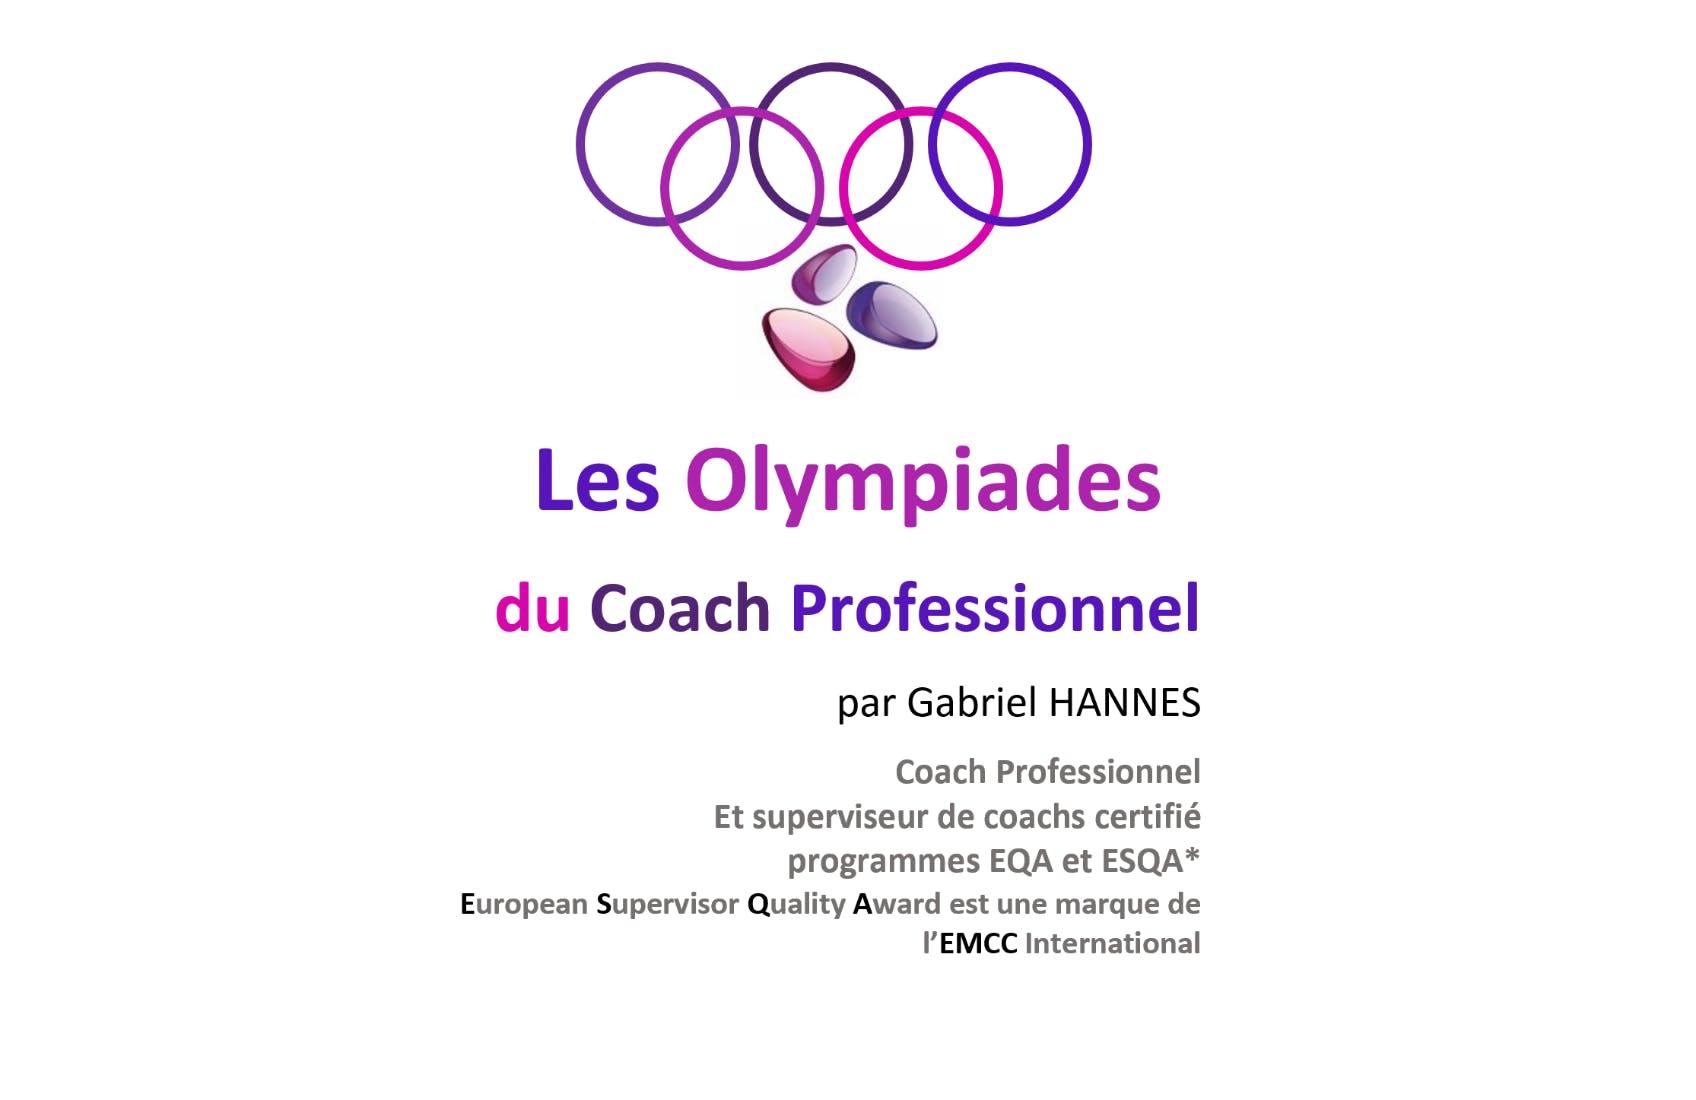 Lyon Olympiades 12 Dcembre 2019 - Squence 2 - Les processus parallles 2 -  les 5 options de traitement du processus parallle